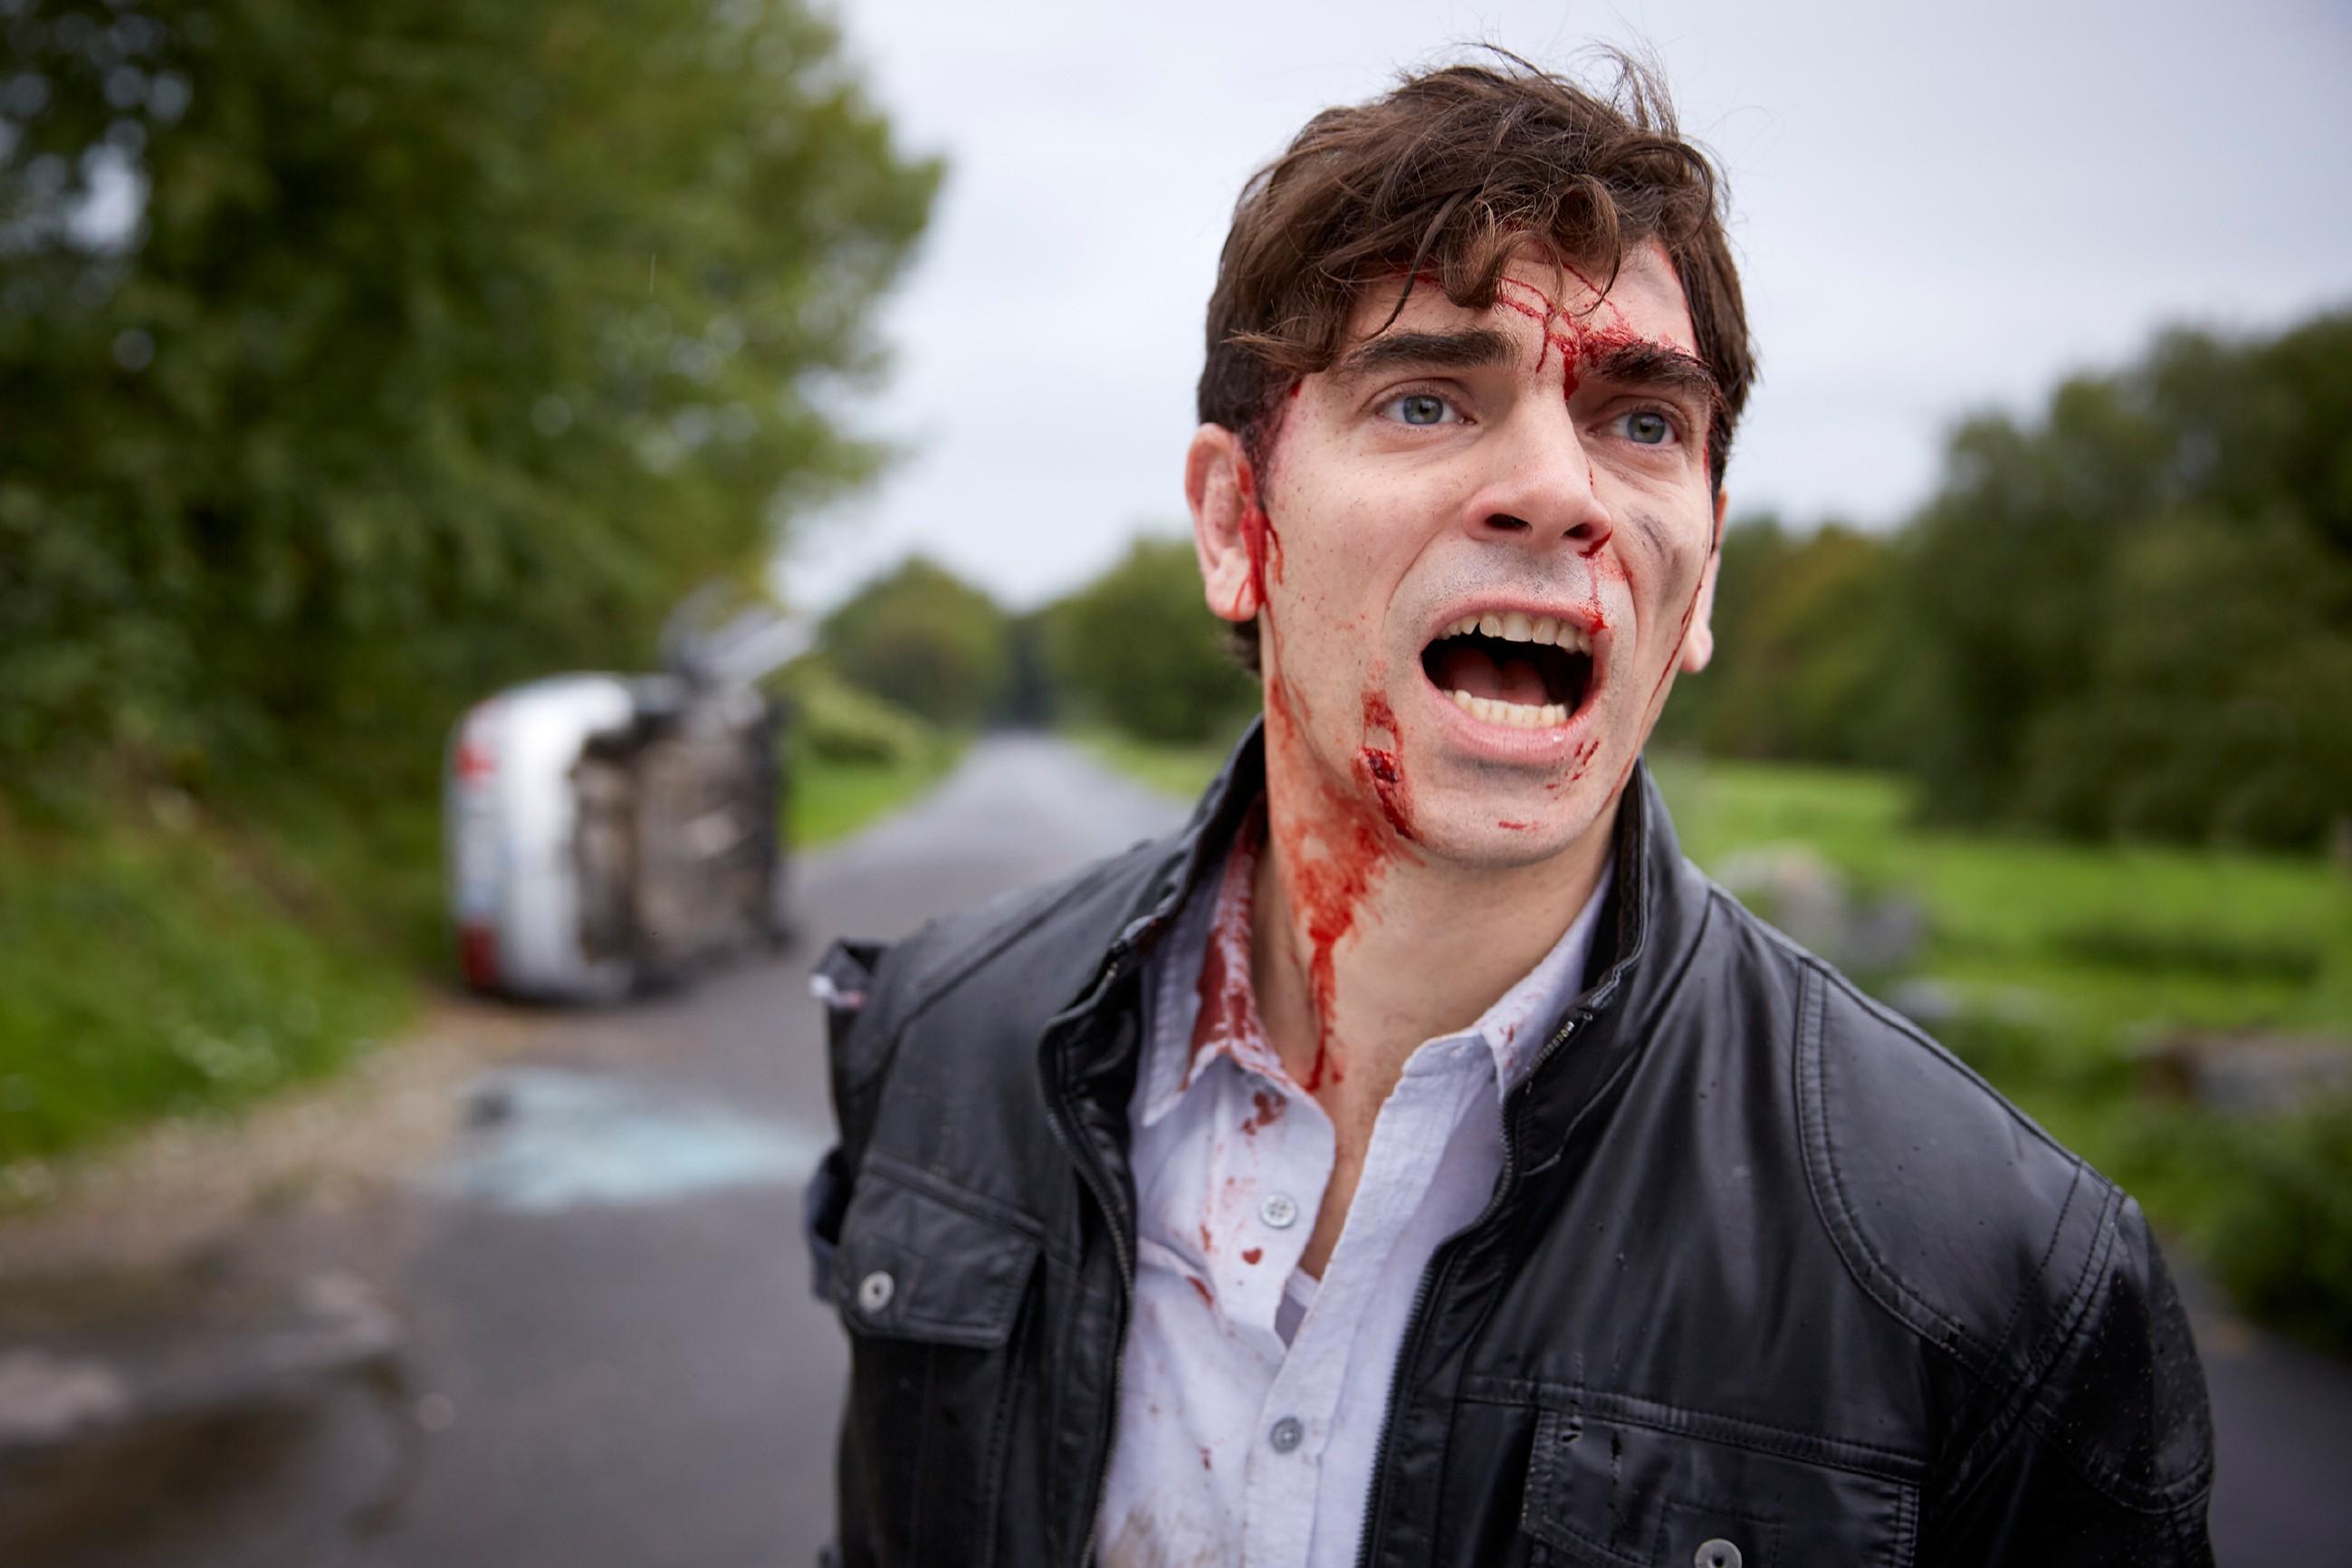 Rückblende: Veit (Carsten Clemens) wird von seinen Erinnerungen heimgesucht und durchlebt erneut den schweren Unfall, bei dem er seine Freundin Emma nicht aus dem brennenden Wagen retten konnte... (Quelle: RTL / Guido Engels)